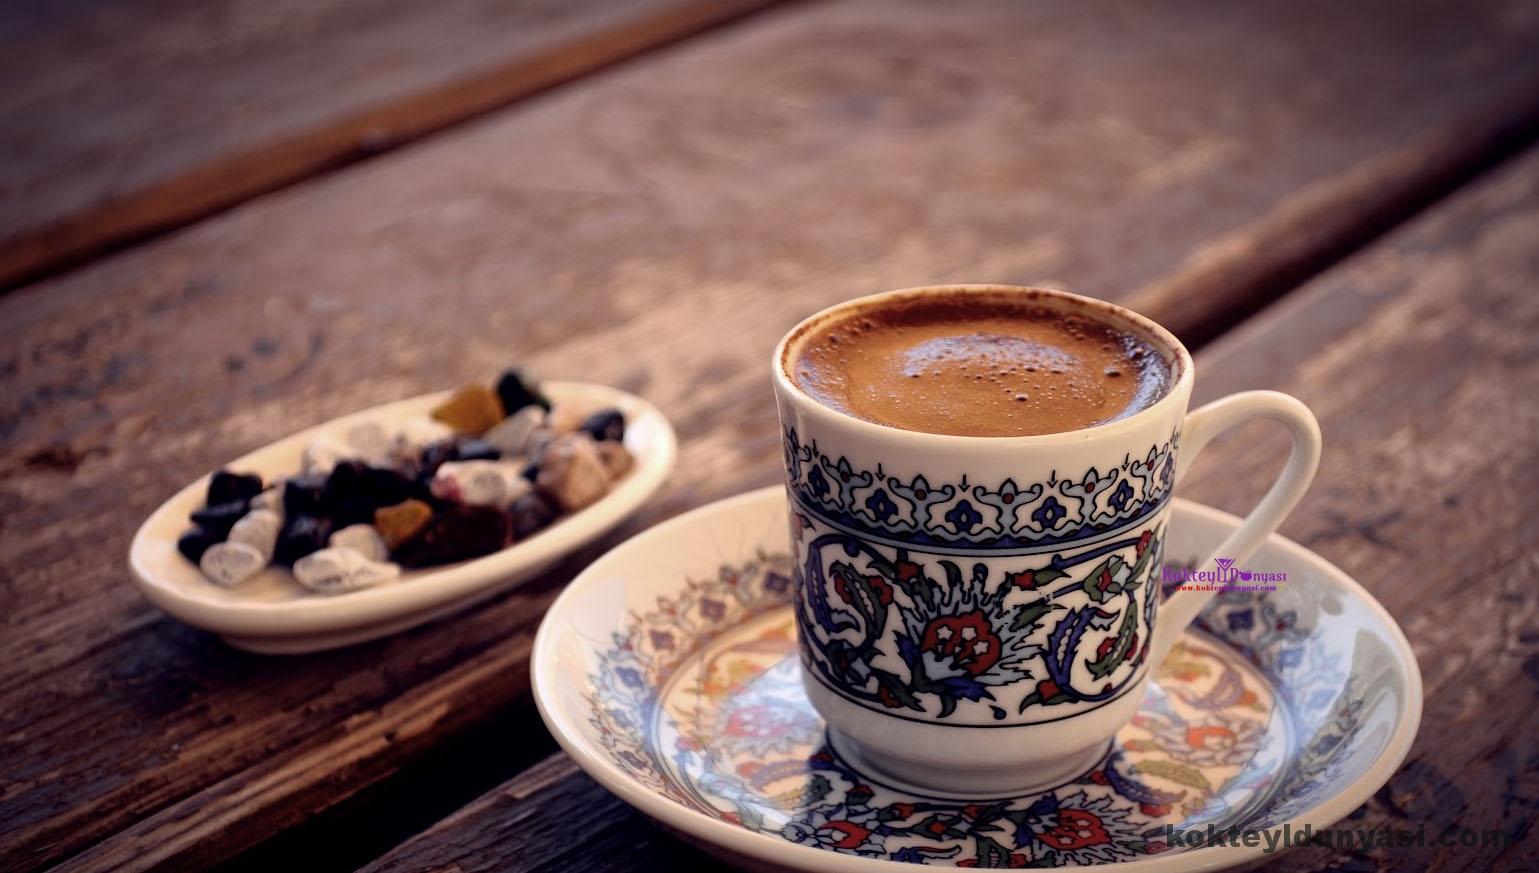 İsteme Kahvesi Yapmanın Püf Noktaları